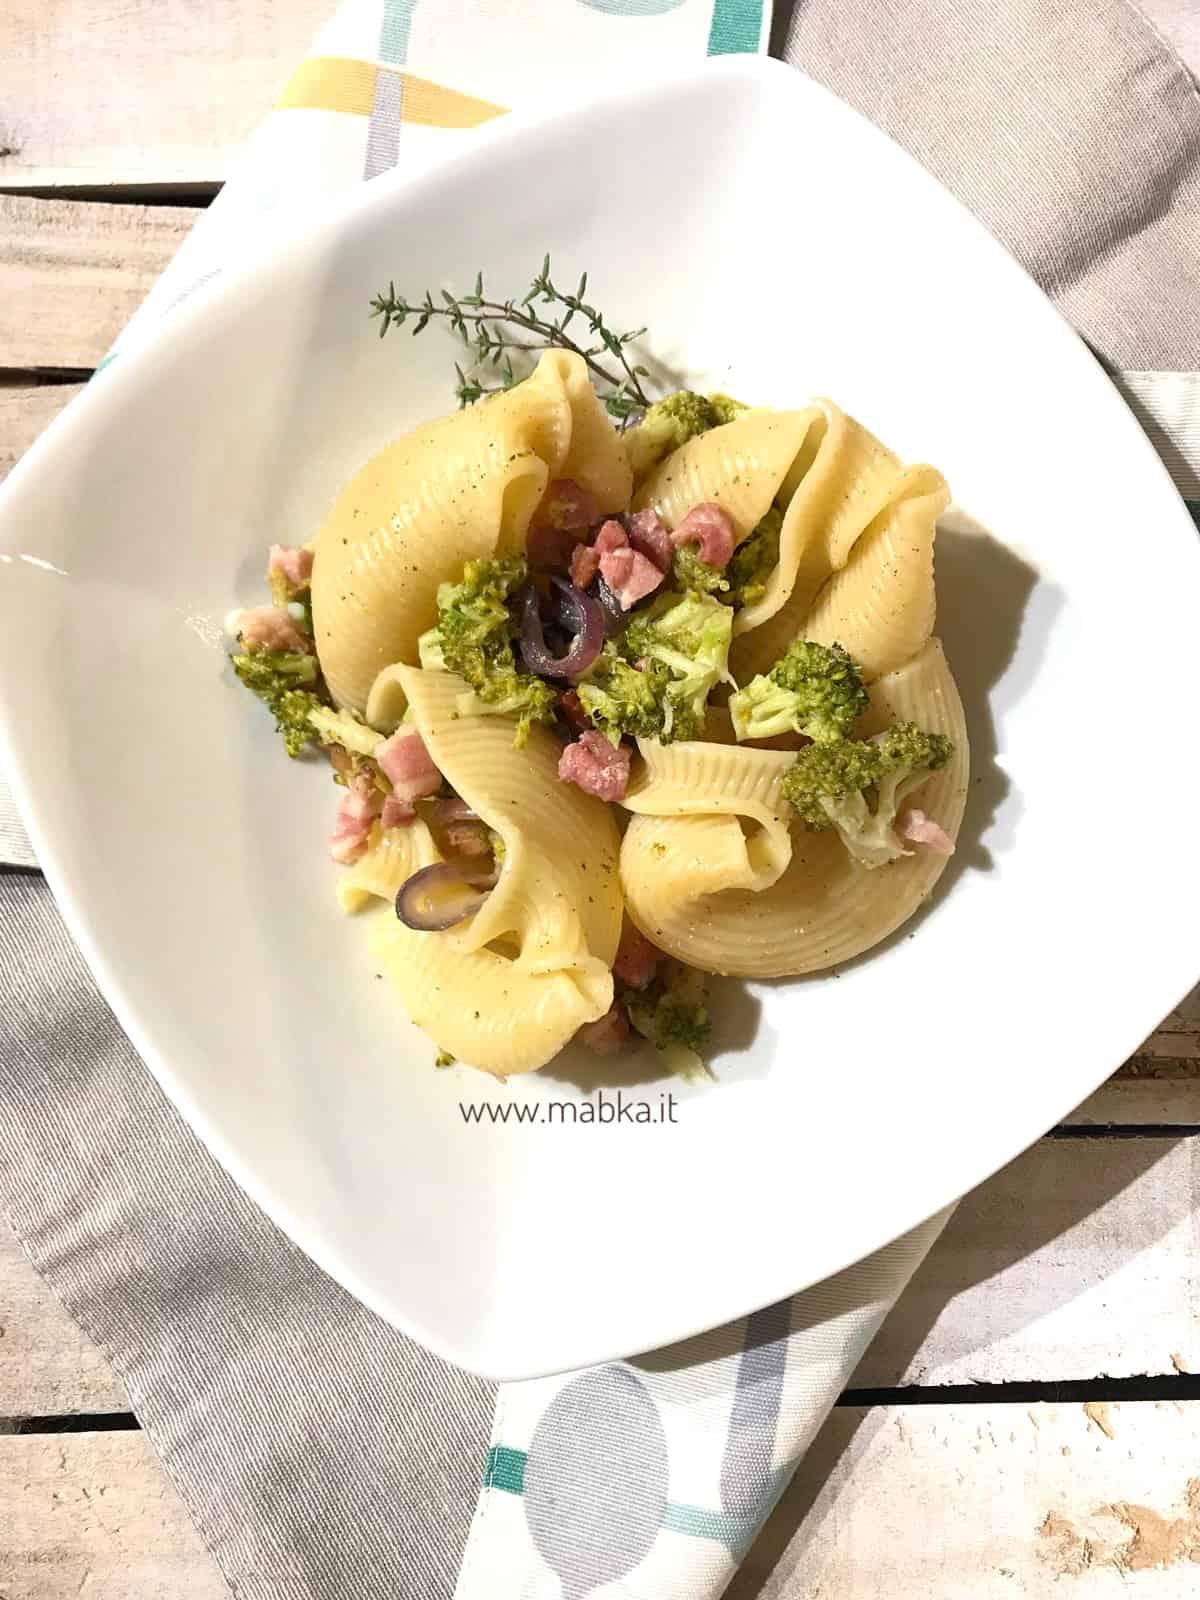 Pasta broccoli e pancetta senza lattosio